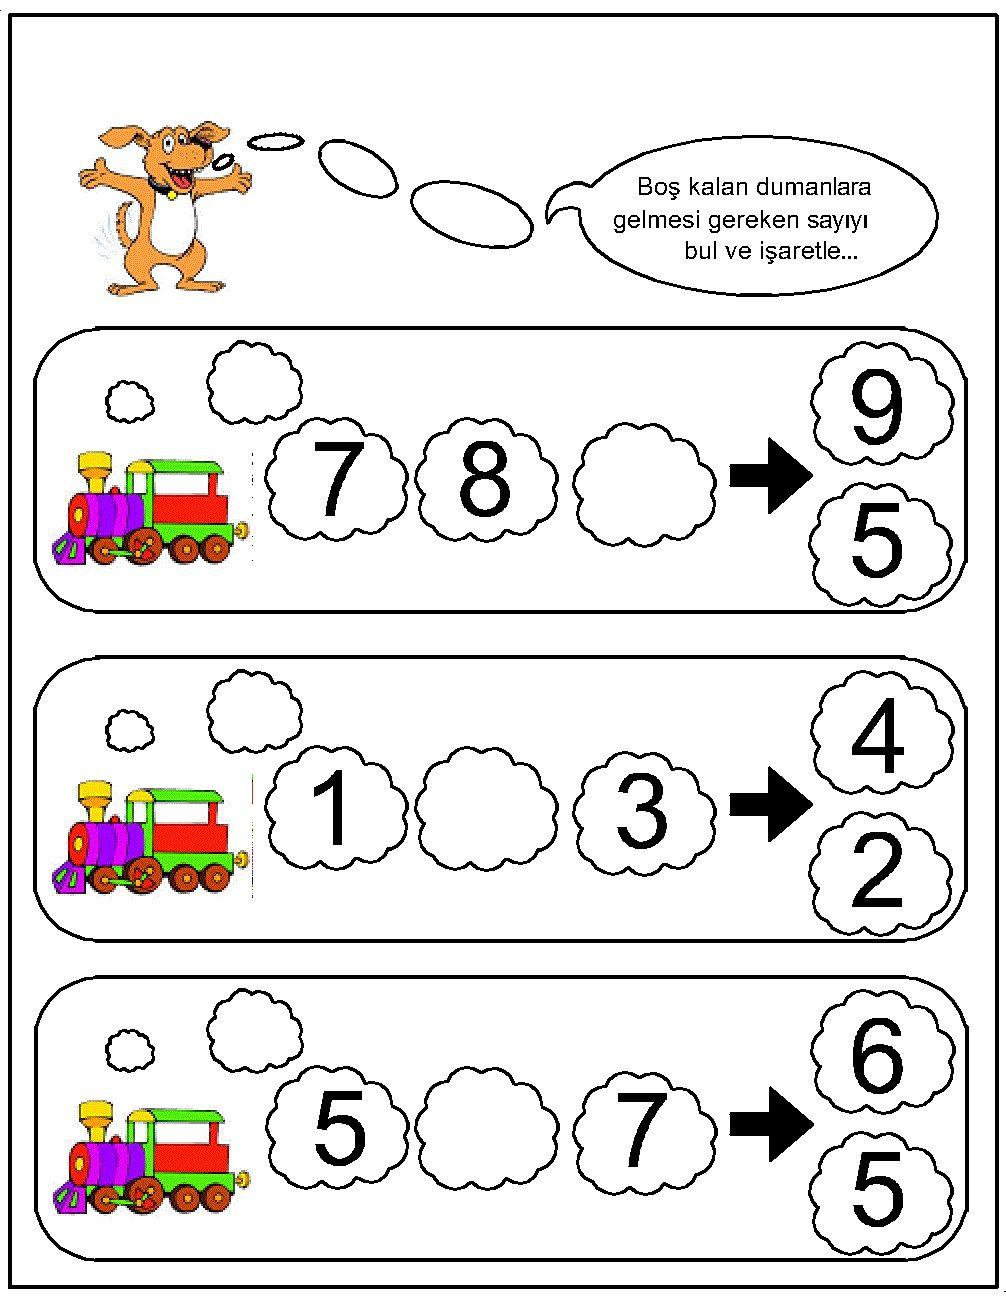 missing number worksheet for kids (20) Missing number